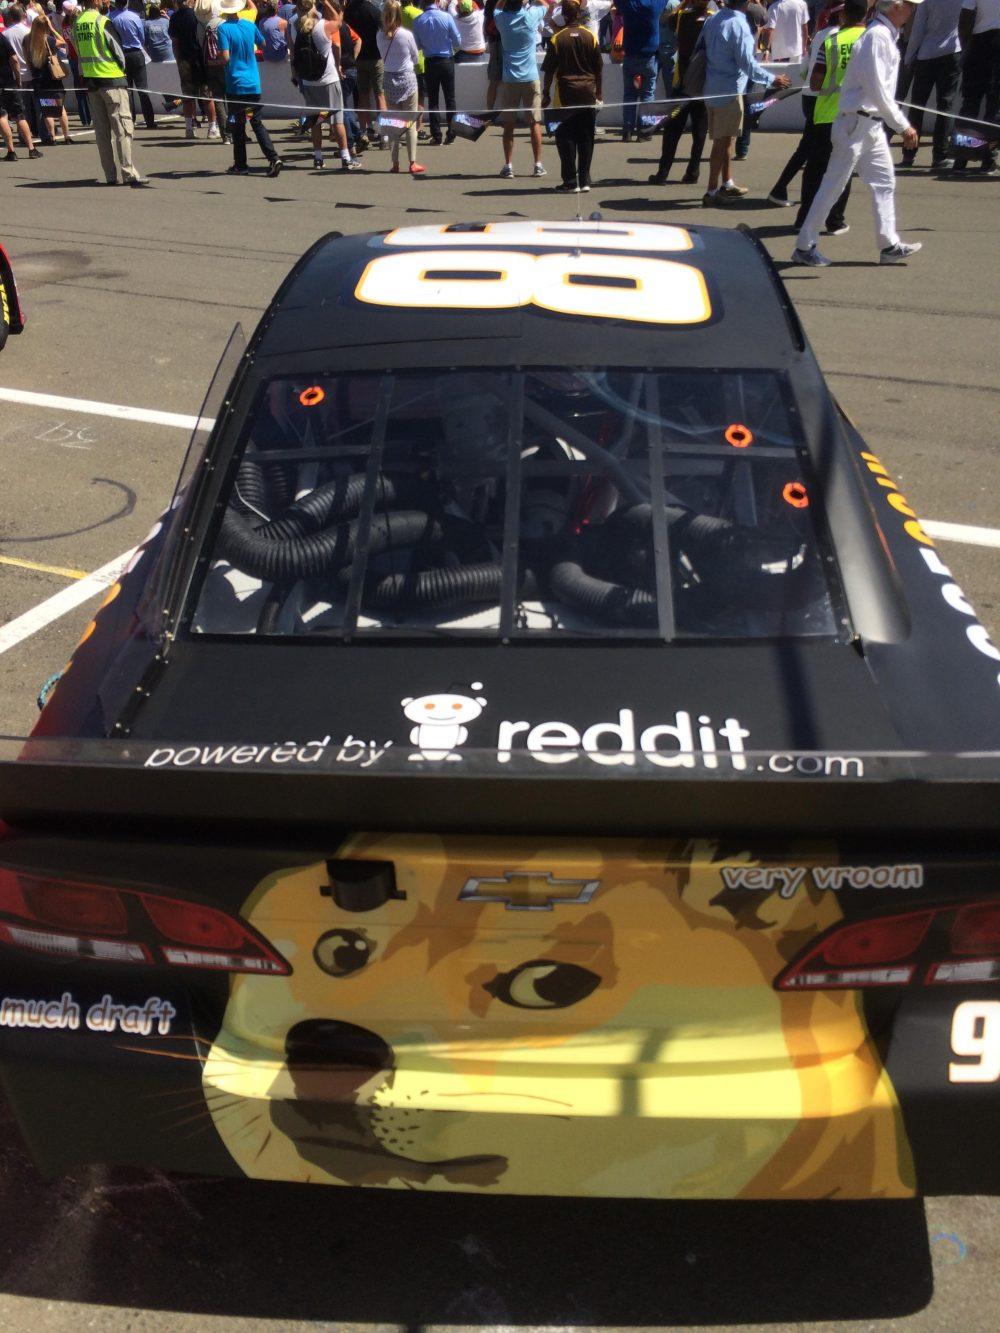 Six years ago reddit sponsored a car at Sonoma Raceway